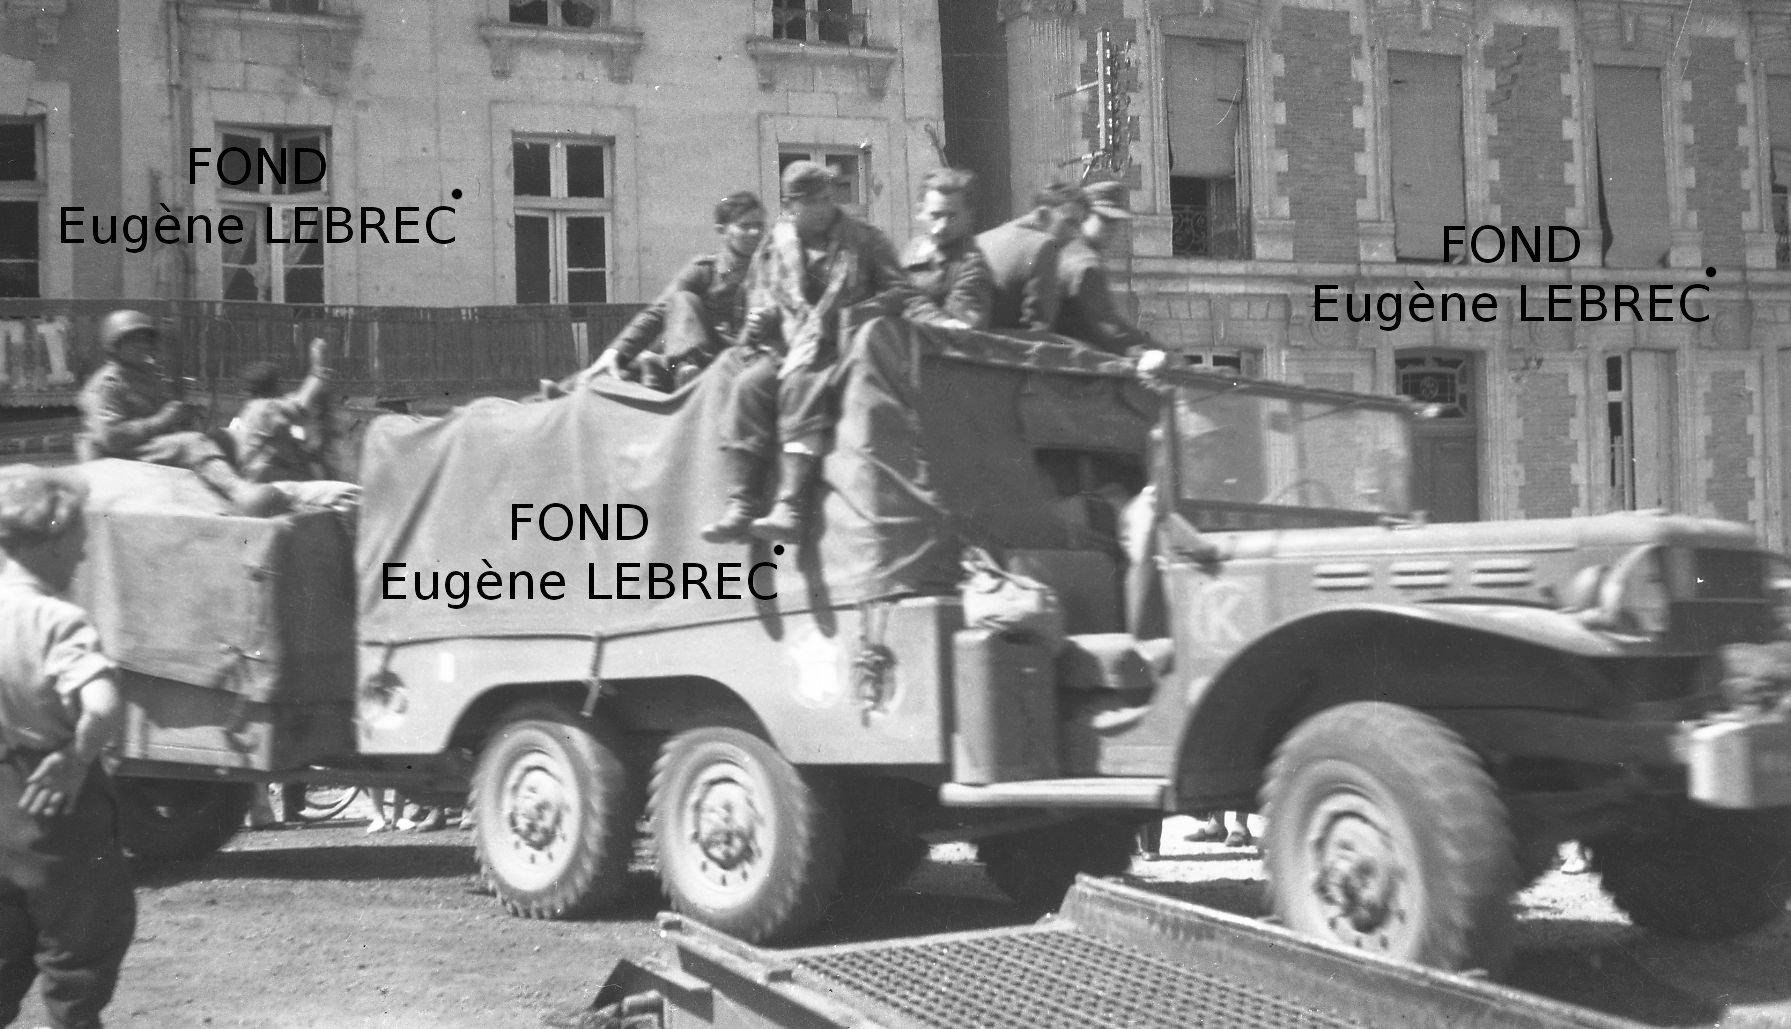 Chateau Gontier (Mayenne), véhicules à identifier - Page 2 606090convoiUS1